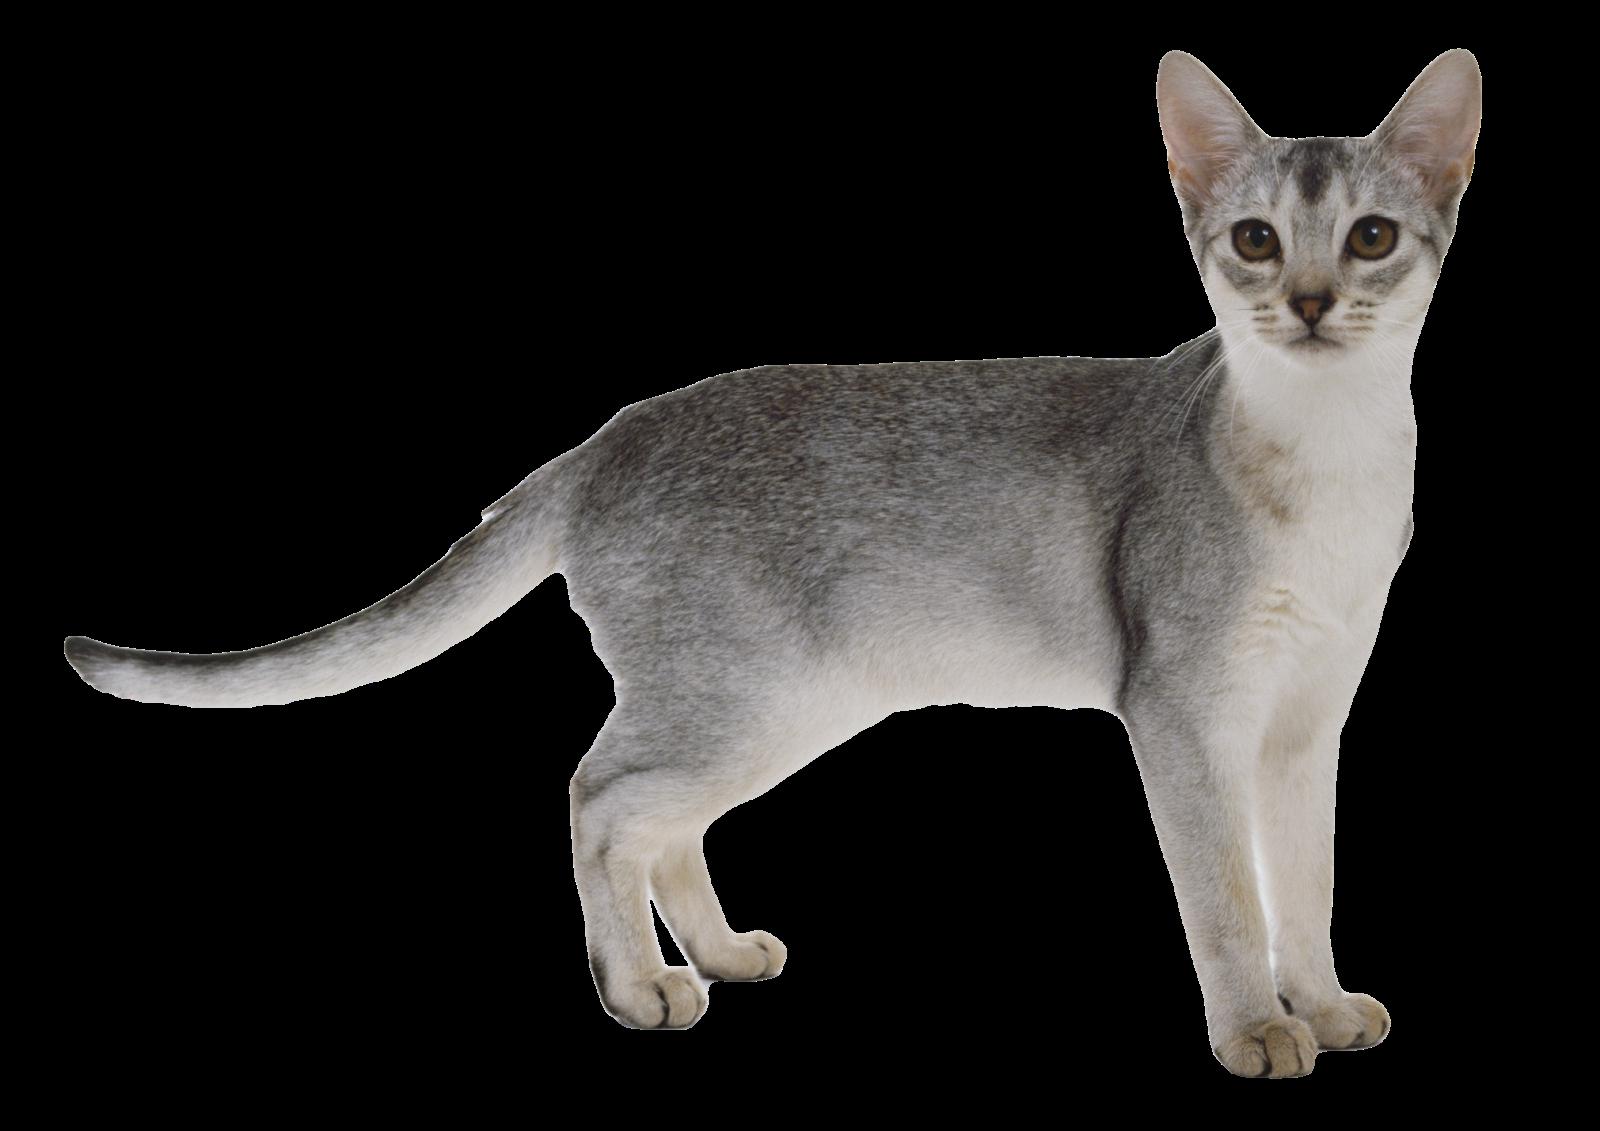 ΓΑΤΑ ΓΚΡΙ - FORMAT PNG TRANSPARENT ( CAT ) | Find images